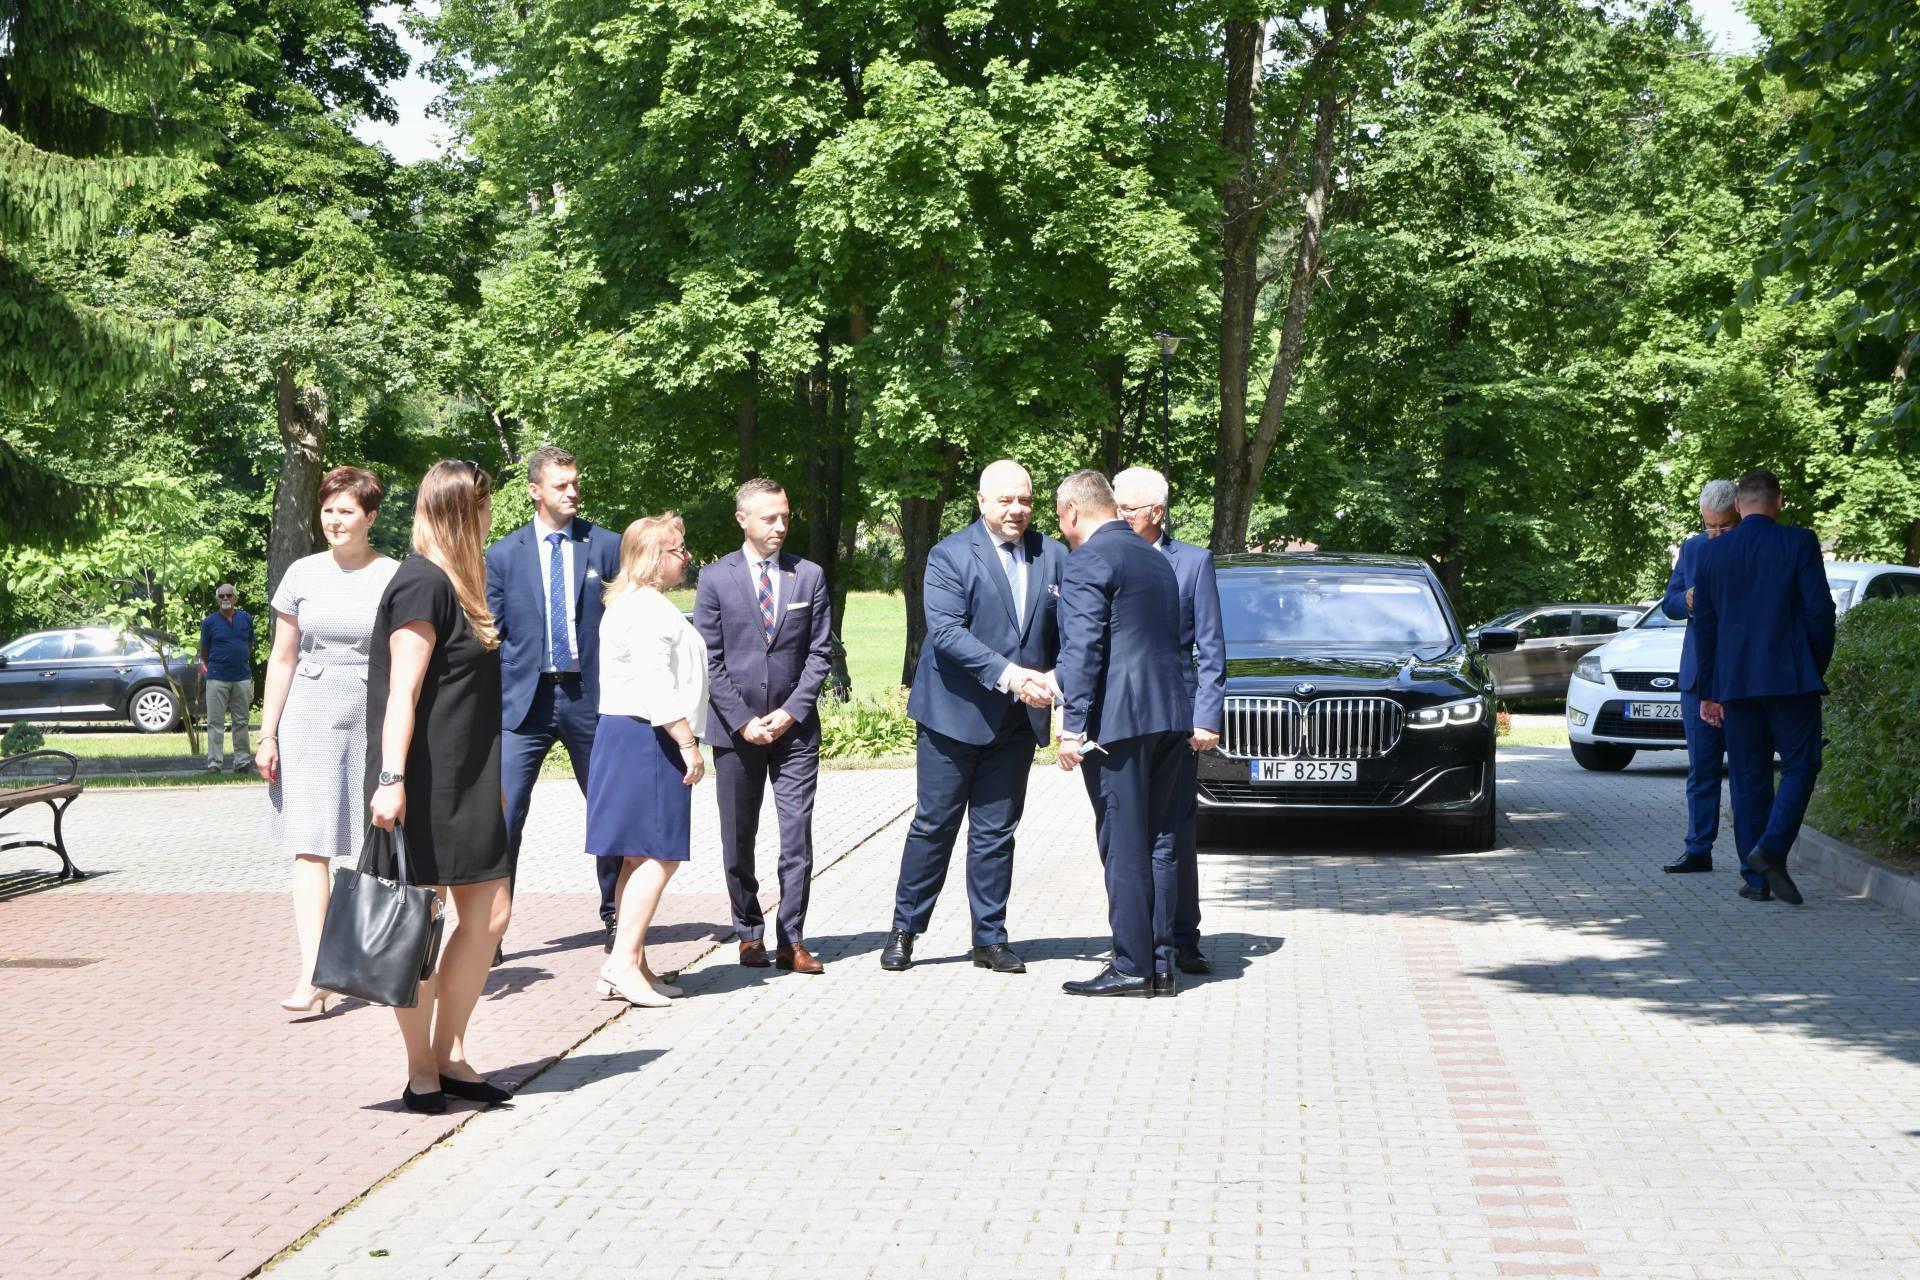 dsc 7401 Za 80 mln zł rozbudowane zostanie sanatorium w Krasnobrodzie.